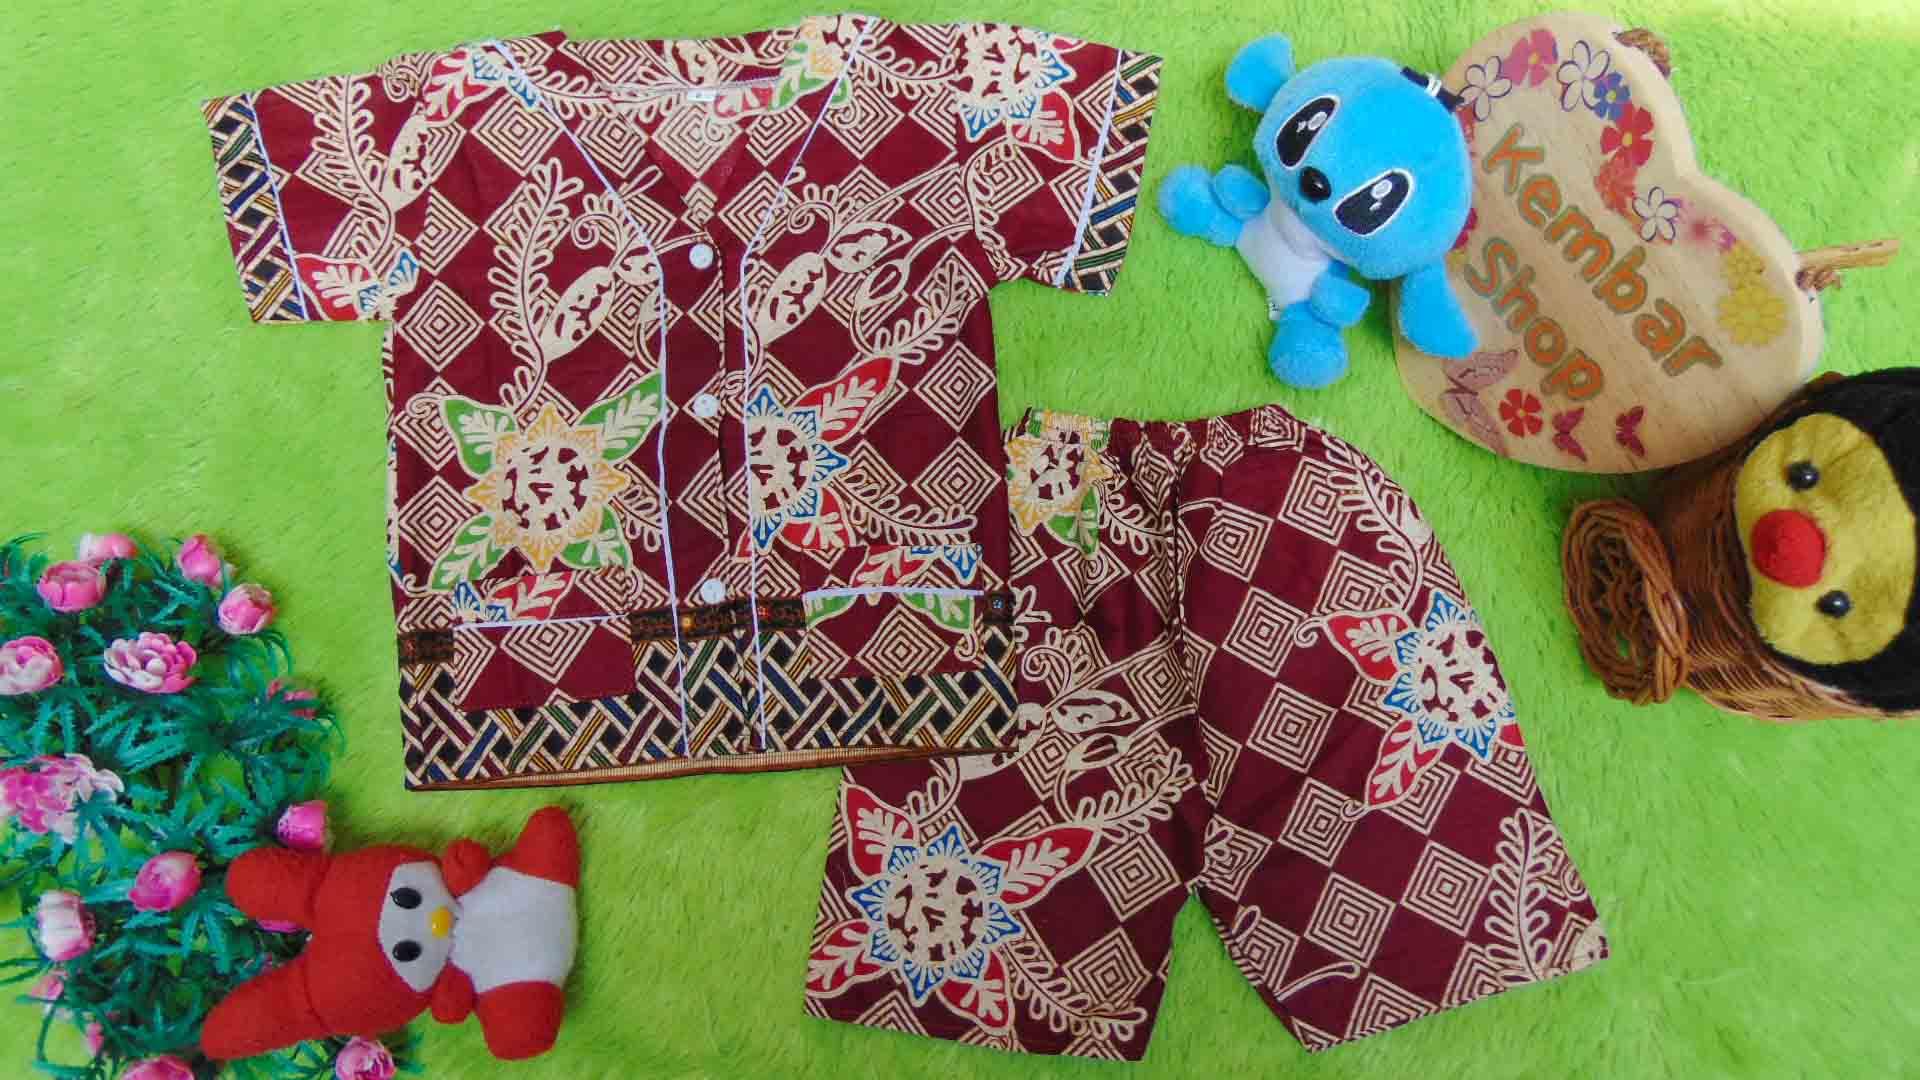 Setelan Baju Tidur Piyama Batik Bayi size O 0-6bln motif Geometri Sulur maroon